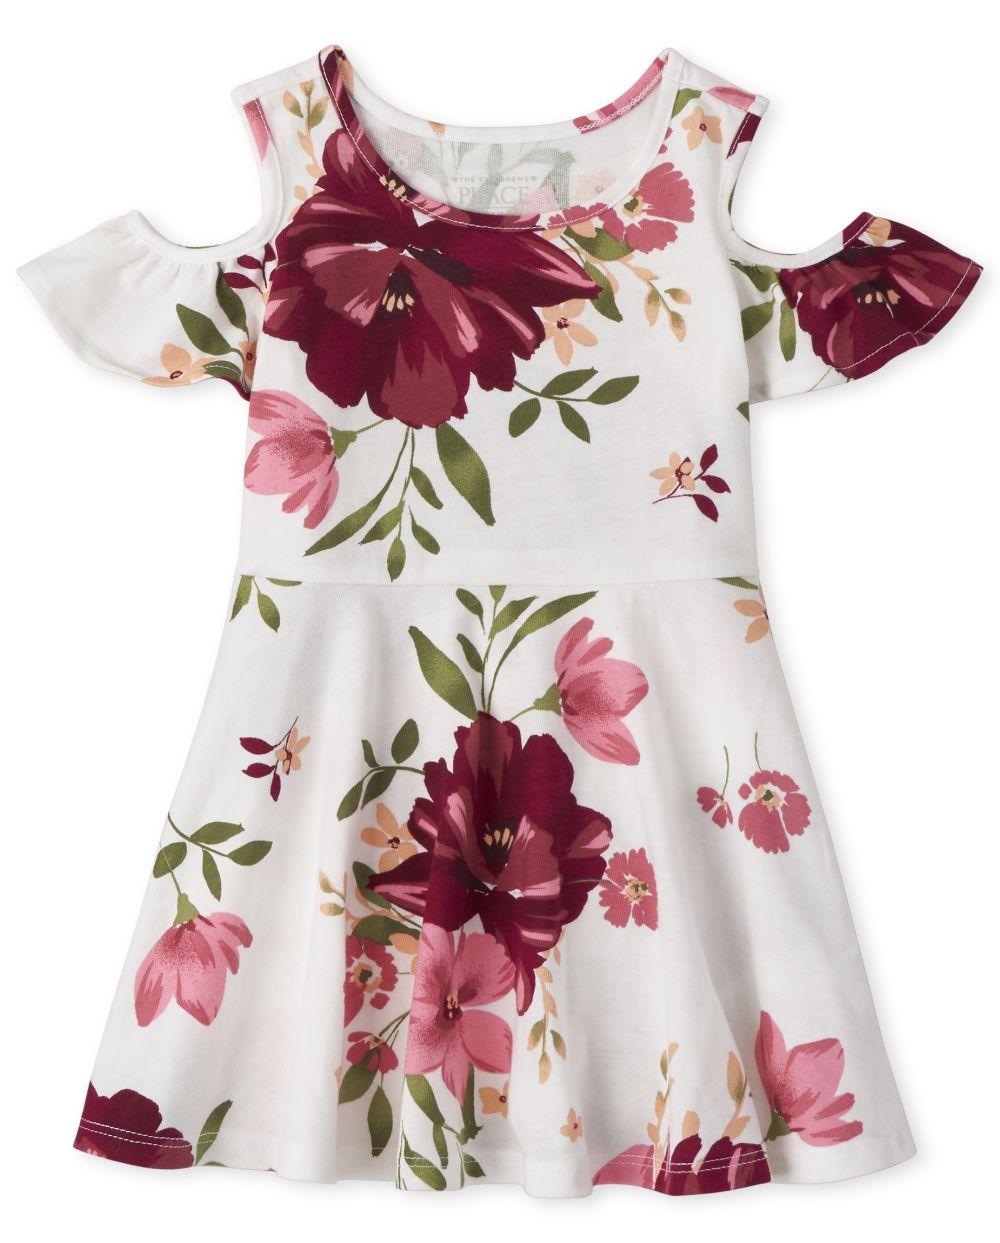 Vestido skater con hombros descubiertos y estampado floral para niñas pequeñas y bebés